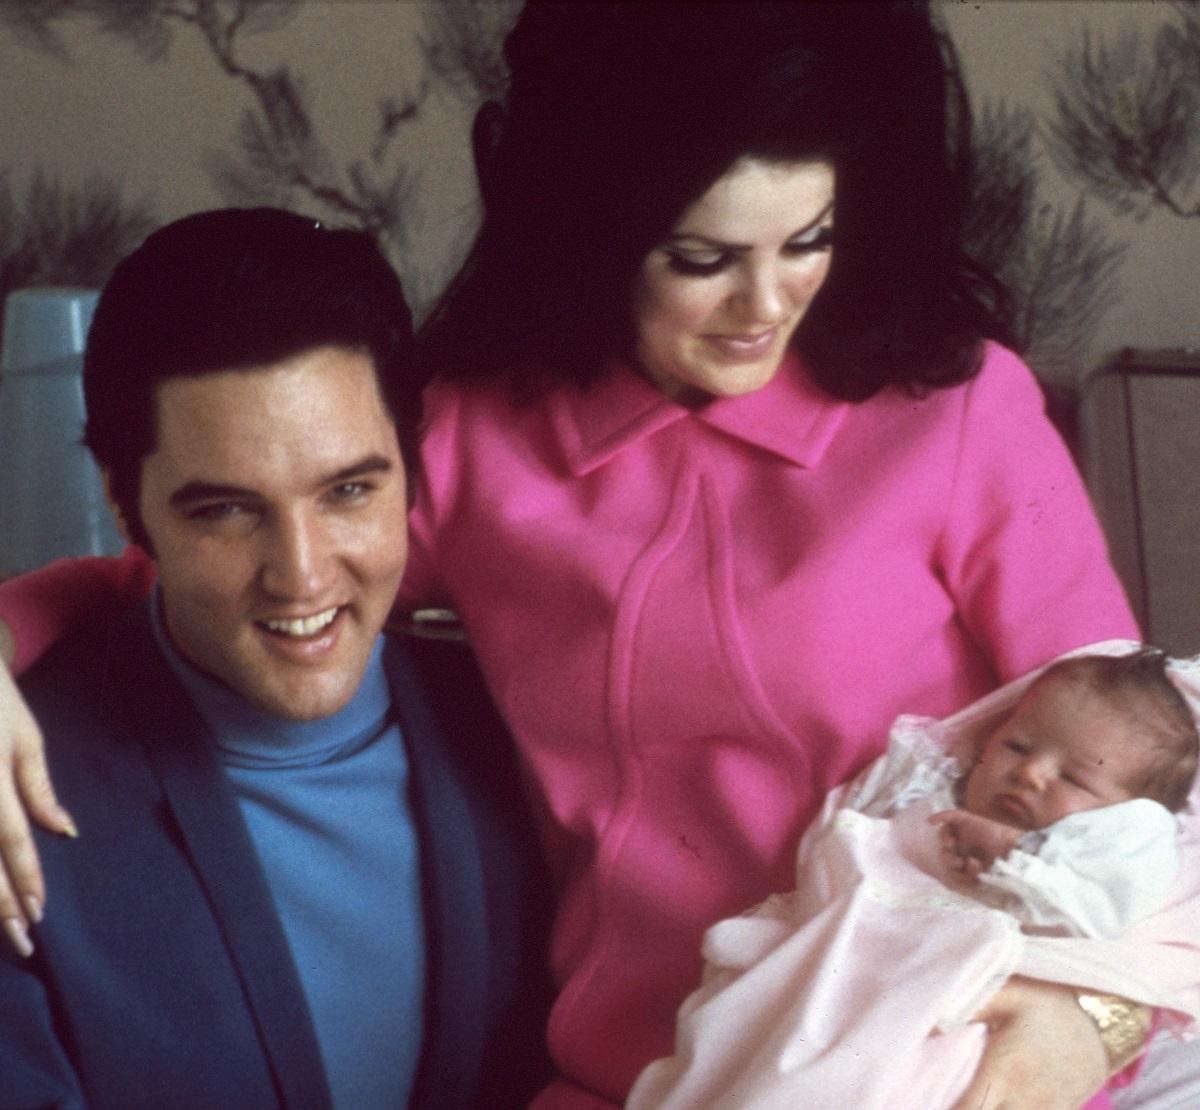 Elvis Presley, Priscilla Presley, and Lisa Marie Presley